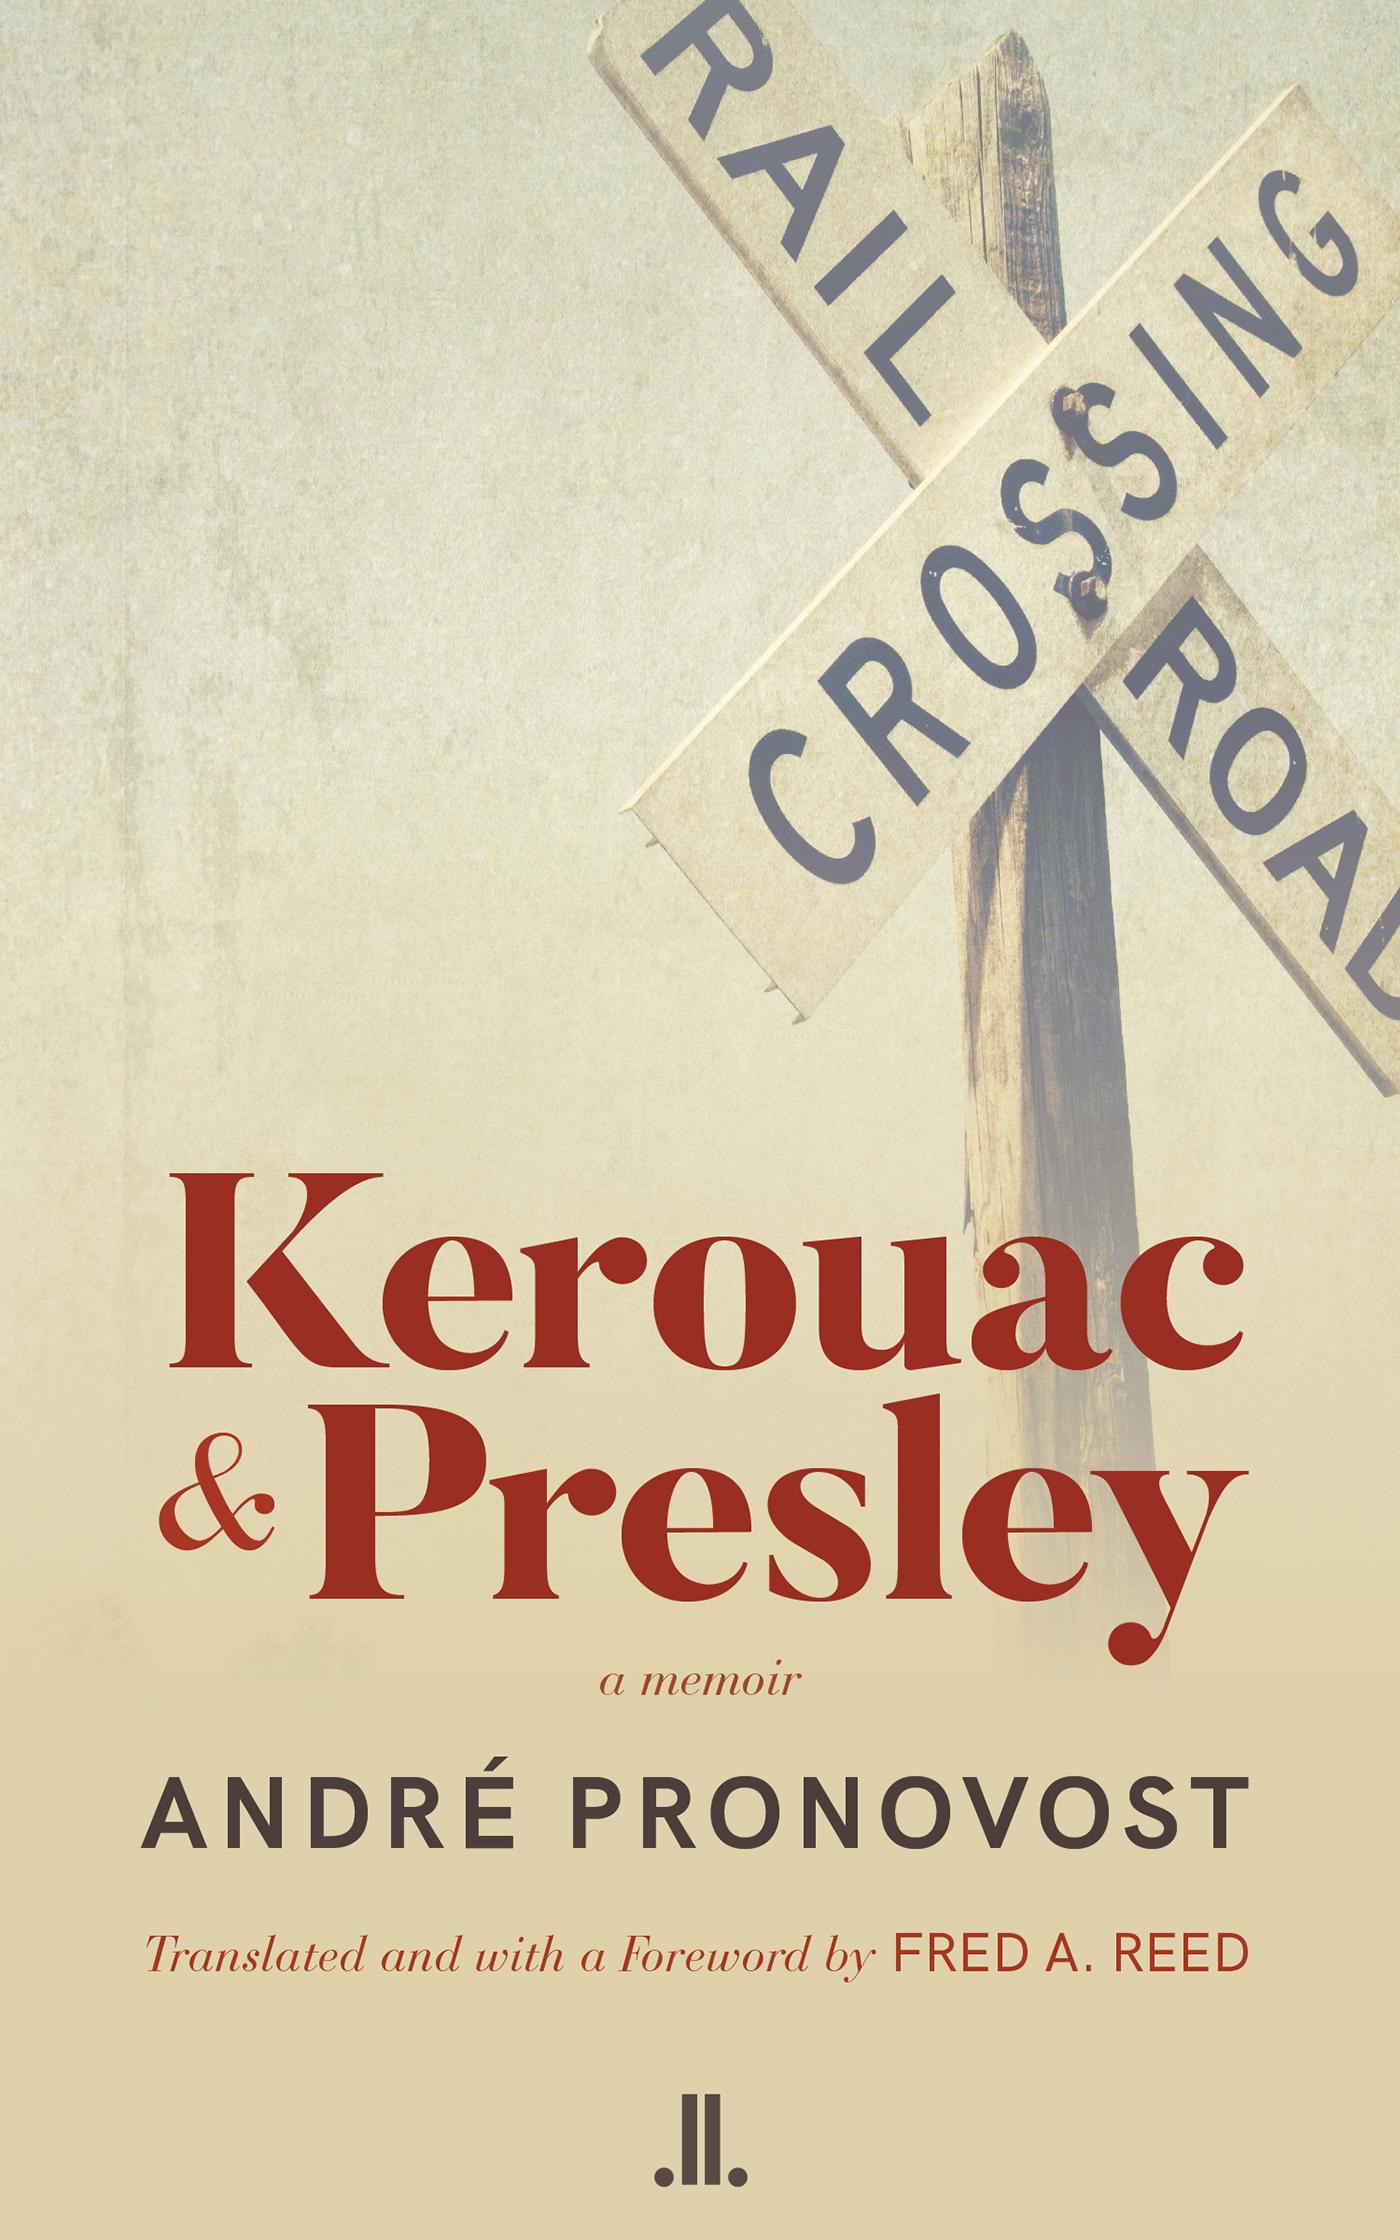 Kerouac & Presley